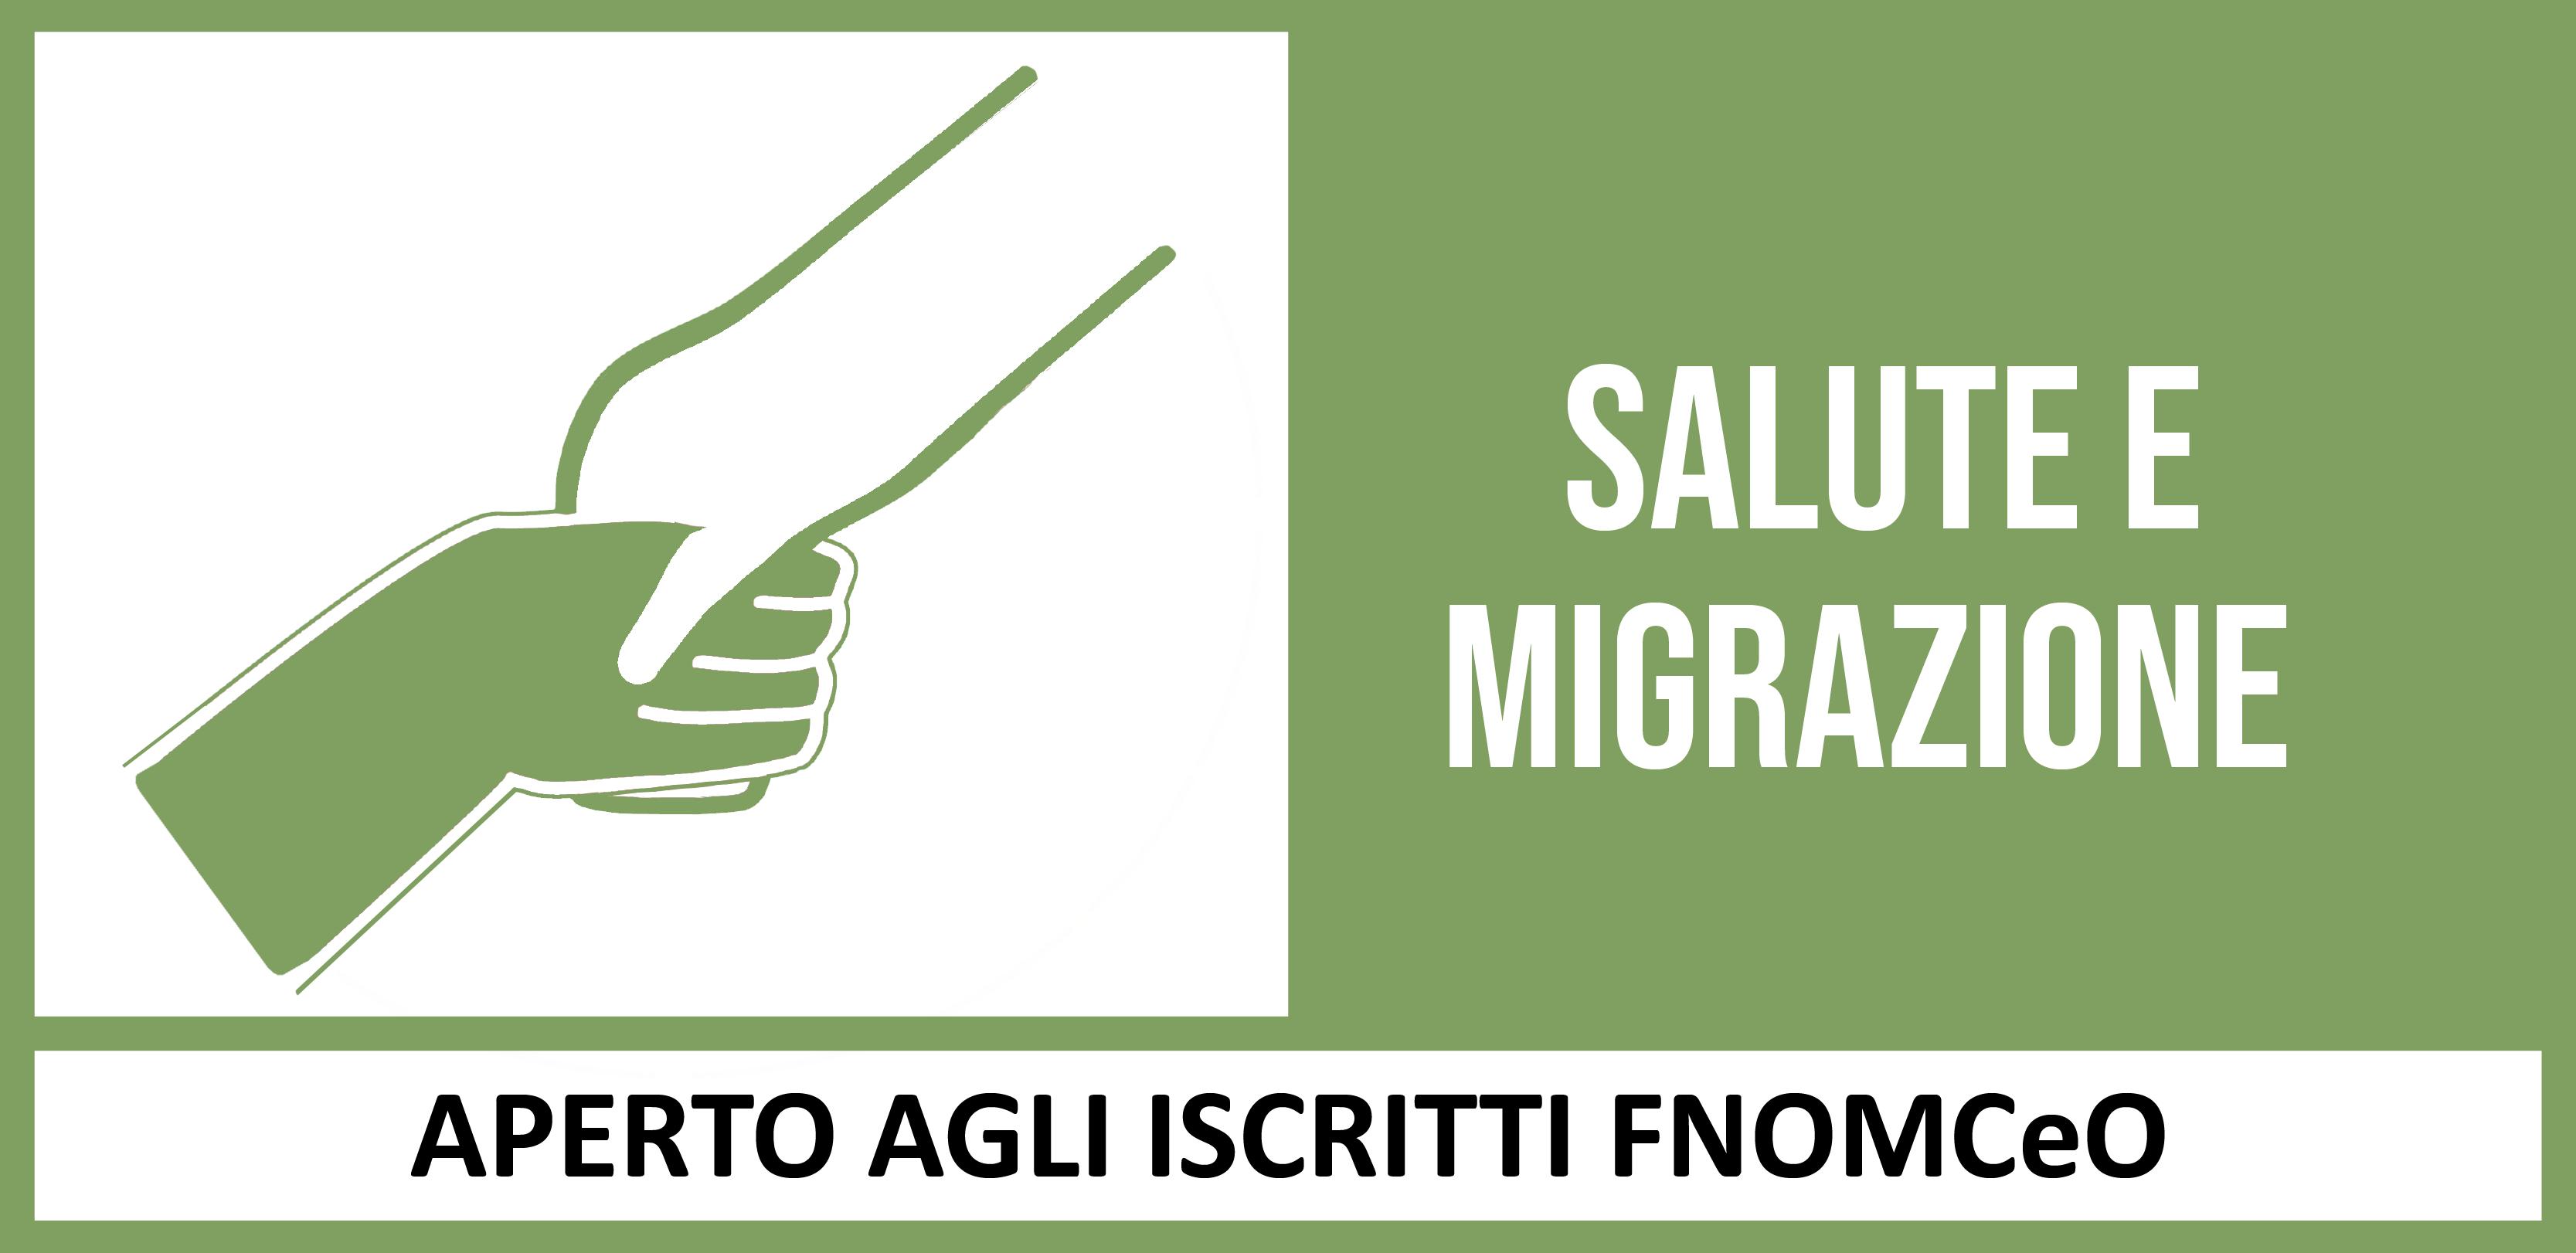 Salute E Migrazione Curare E Prendersi Cura Fnomceo